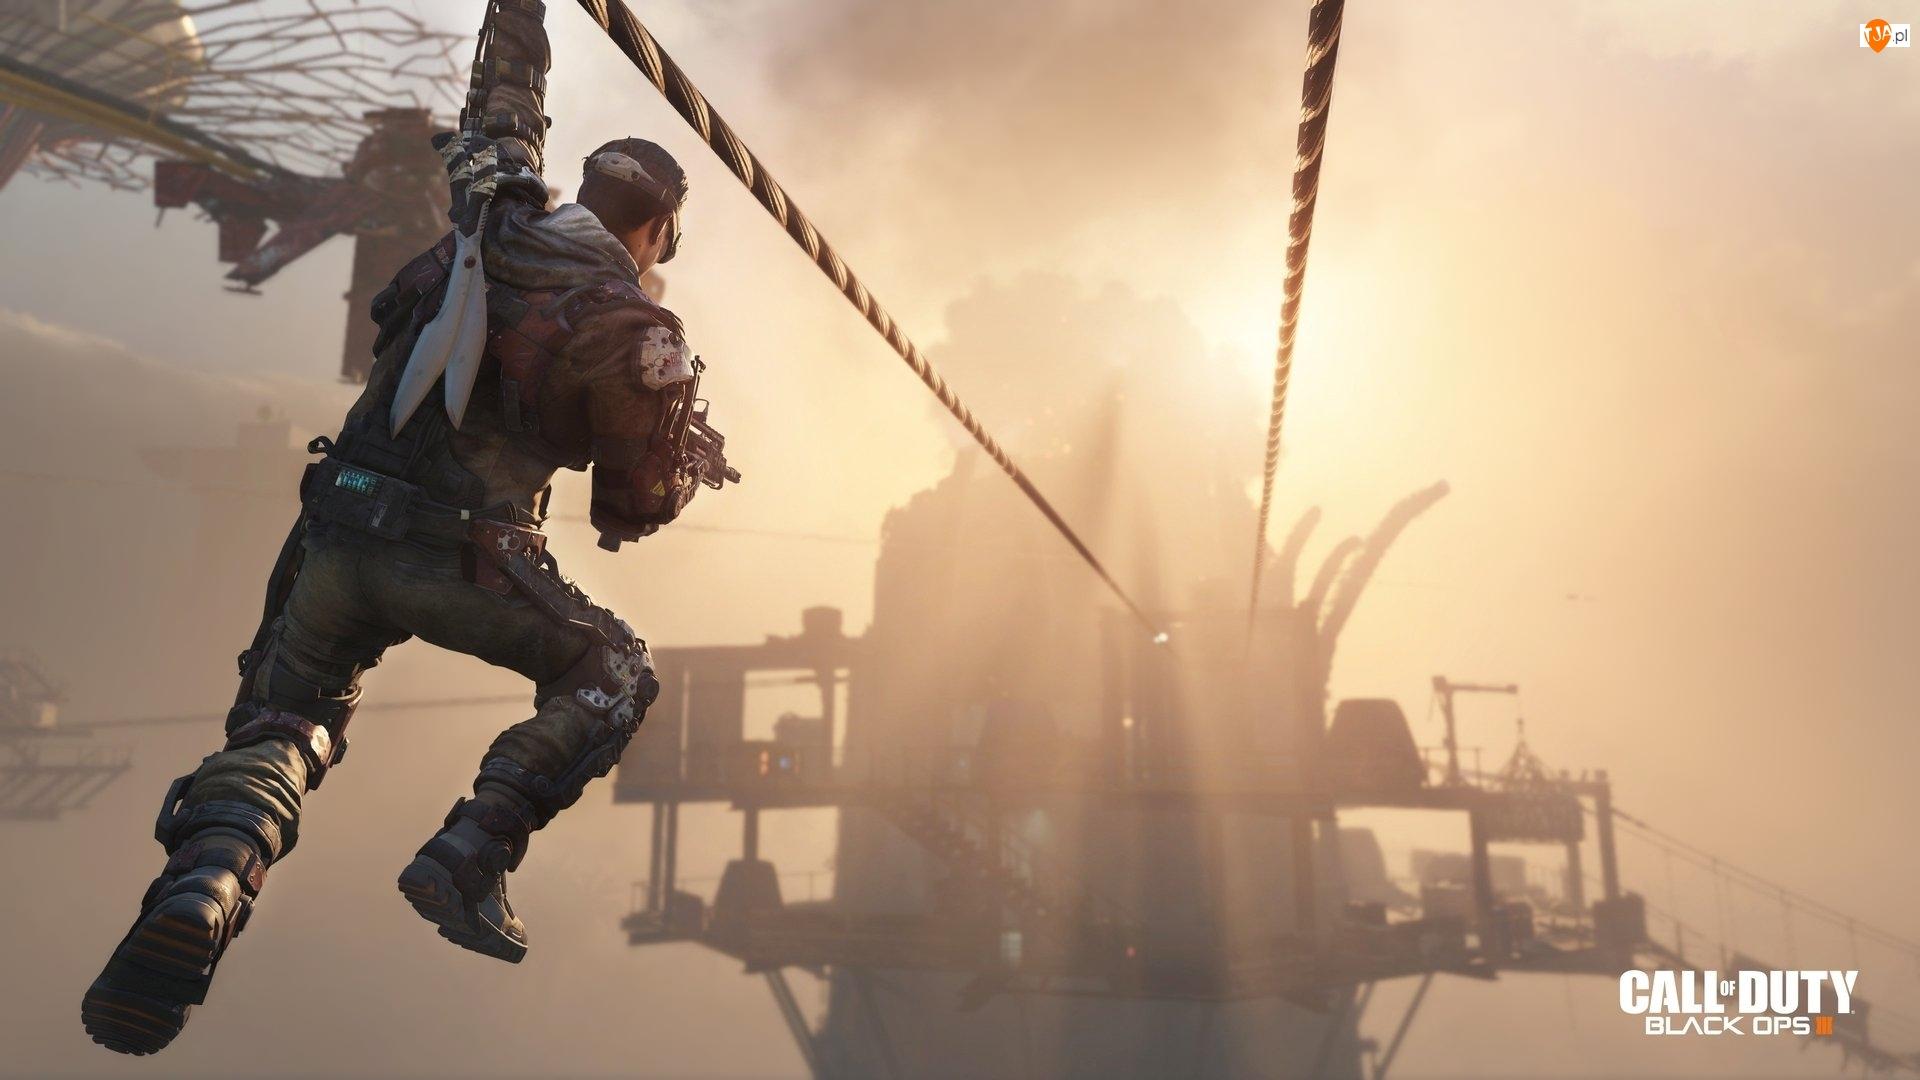 Liny, Call of Duty Black Ops III, Żołnierz